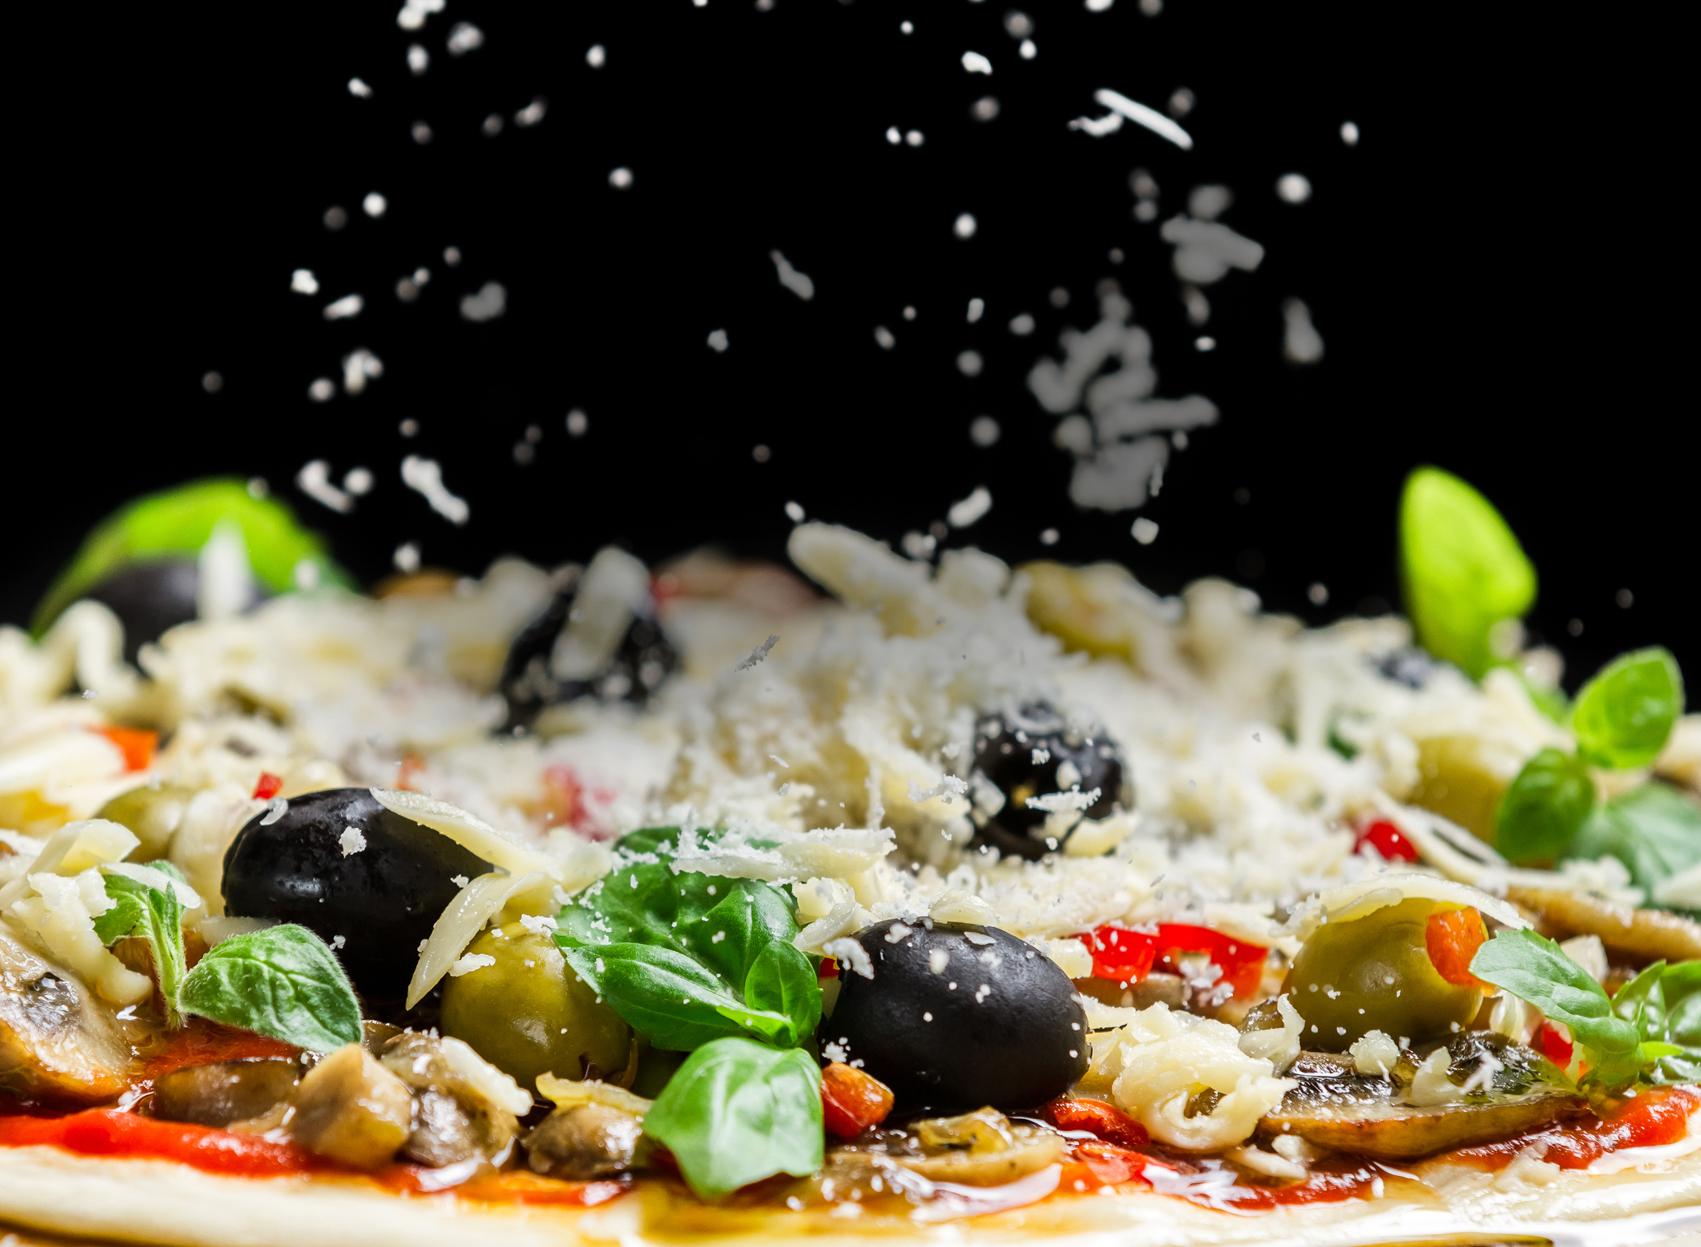 Välkommen till Pizzeria Tasty, Smedjegatan 28, Växjö